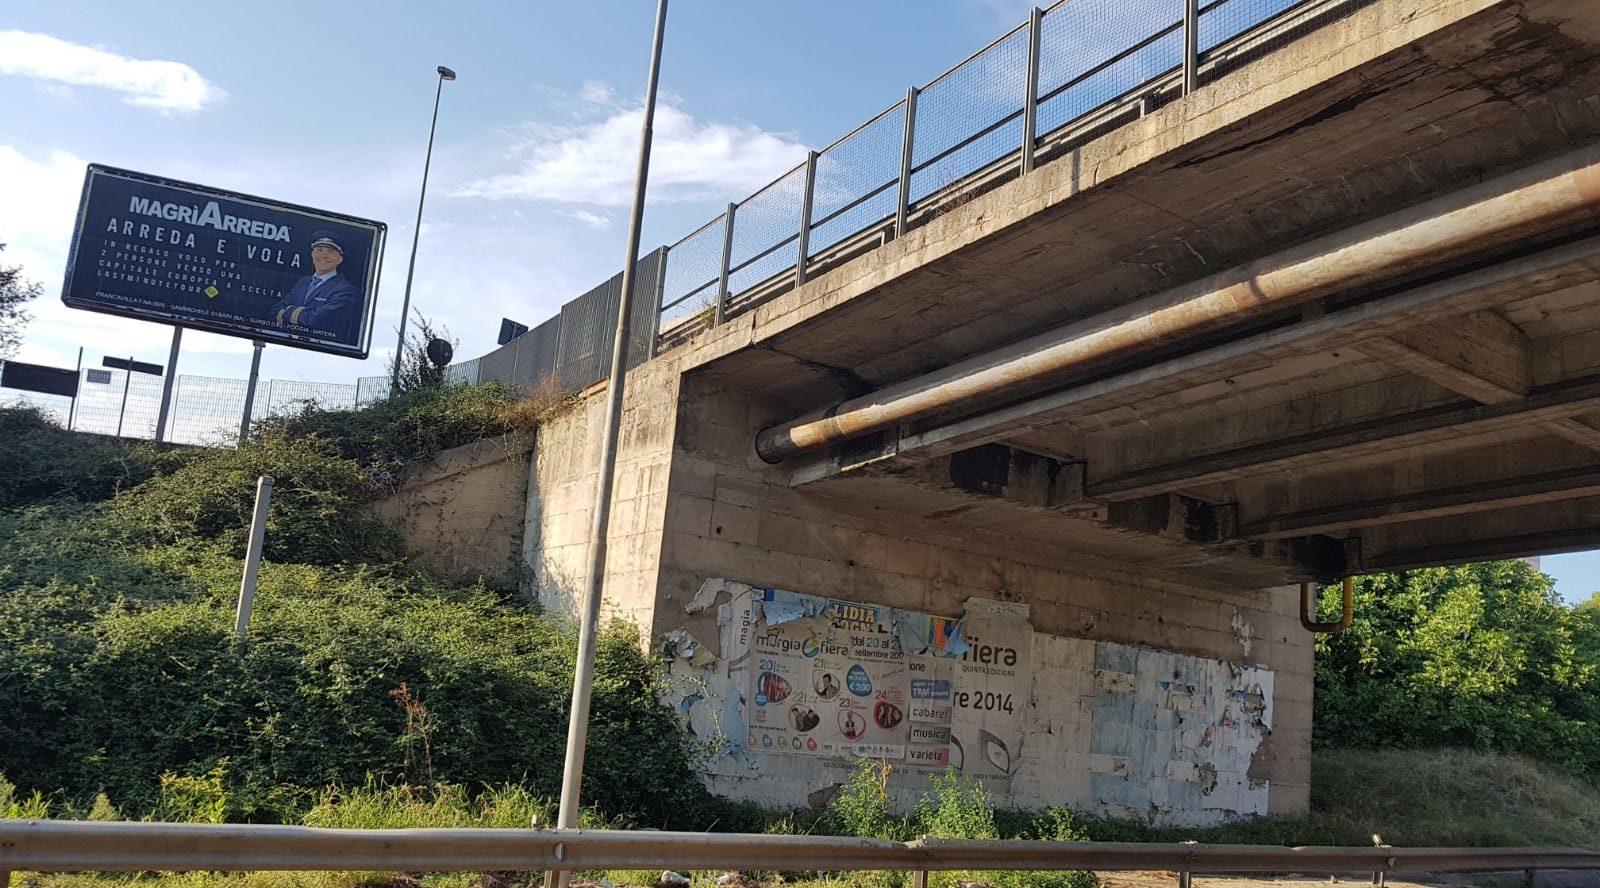 Matera monitoraggio di ponti e cavalcavia sulla strada for Magri arreda matera